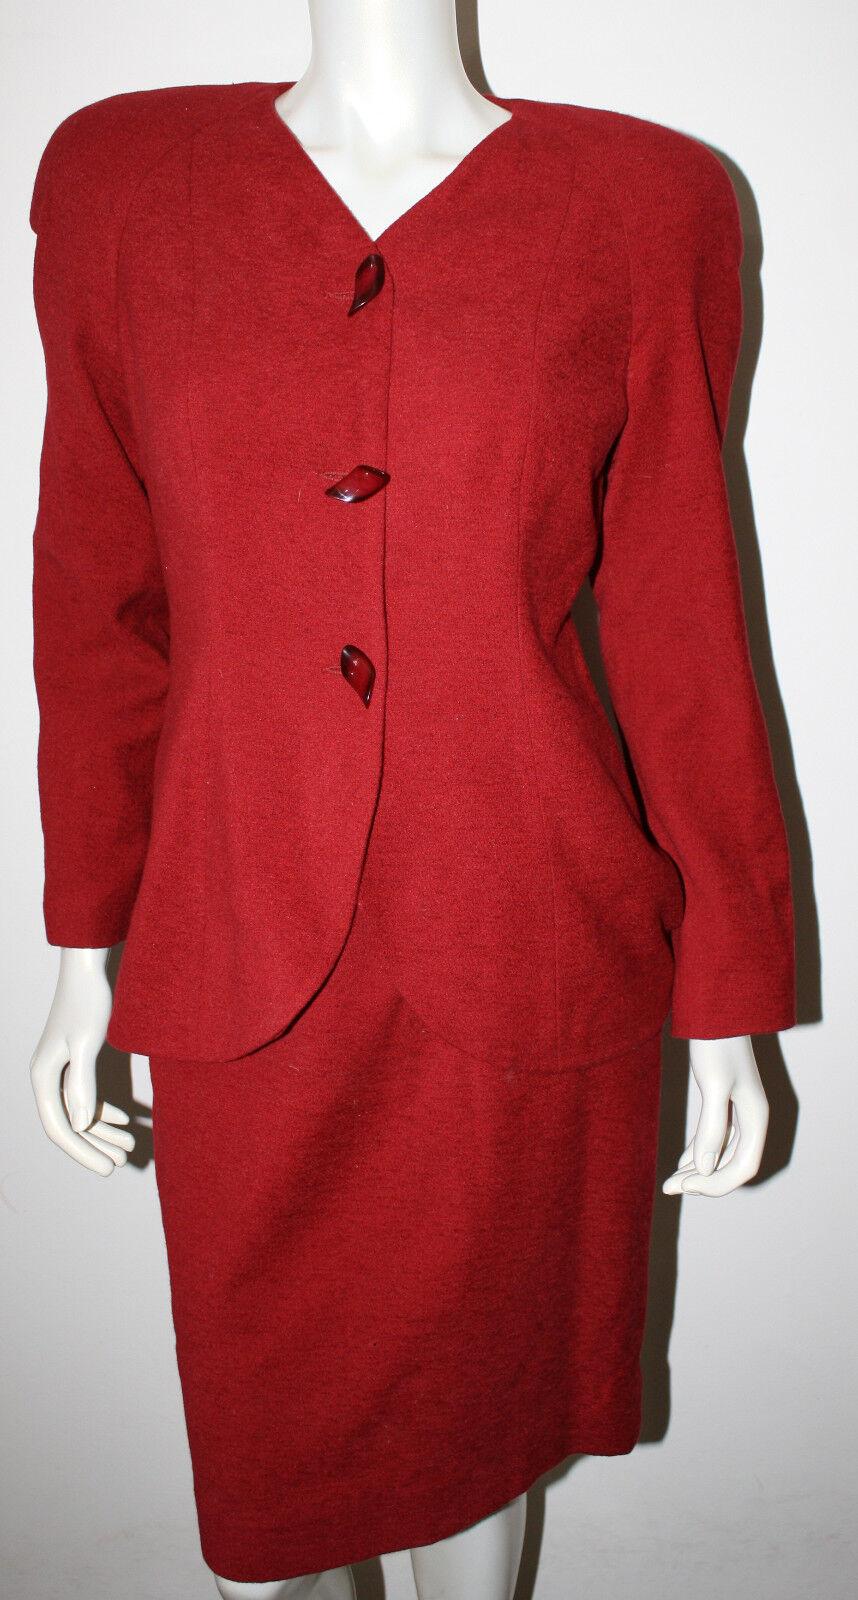 FLORINE WACHTER Red Wool Blend Vintage Skirt Suit Unique Buttons 6 LS